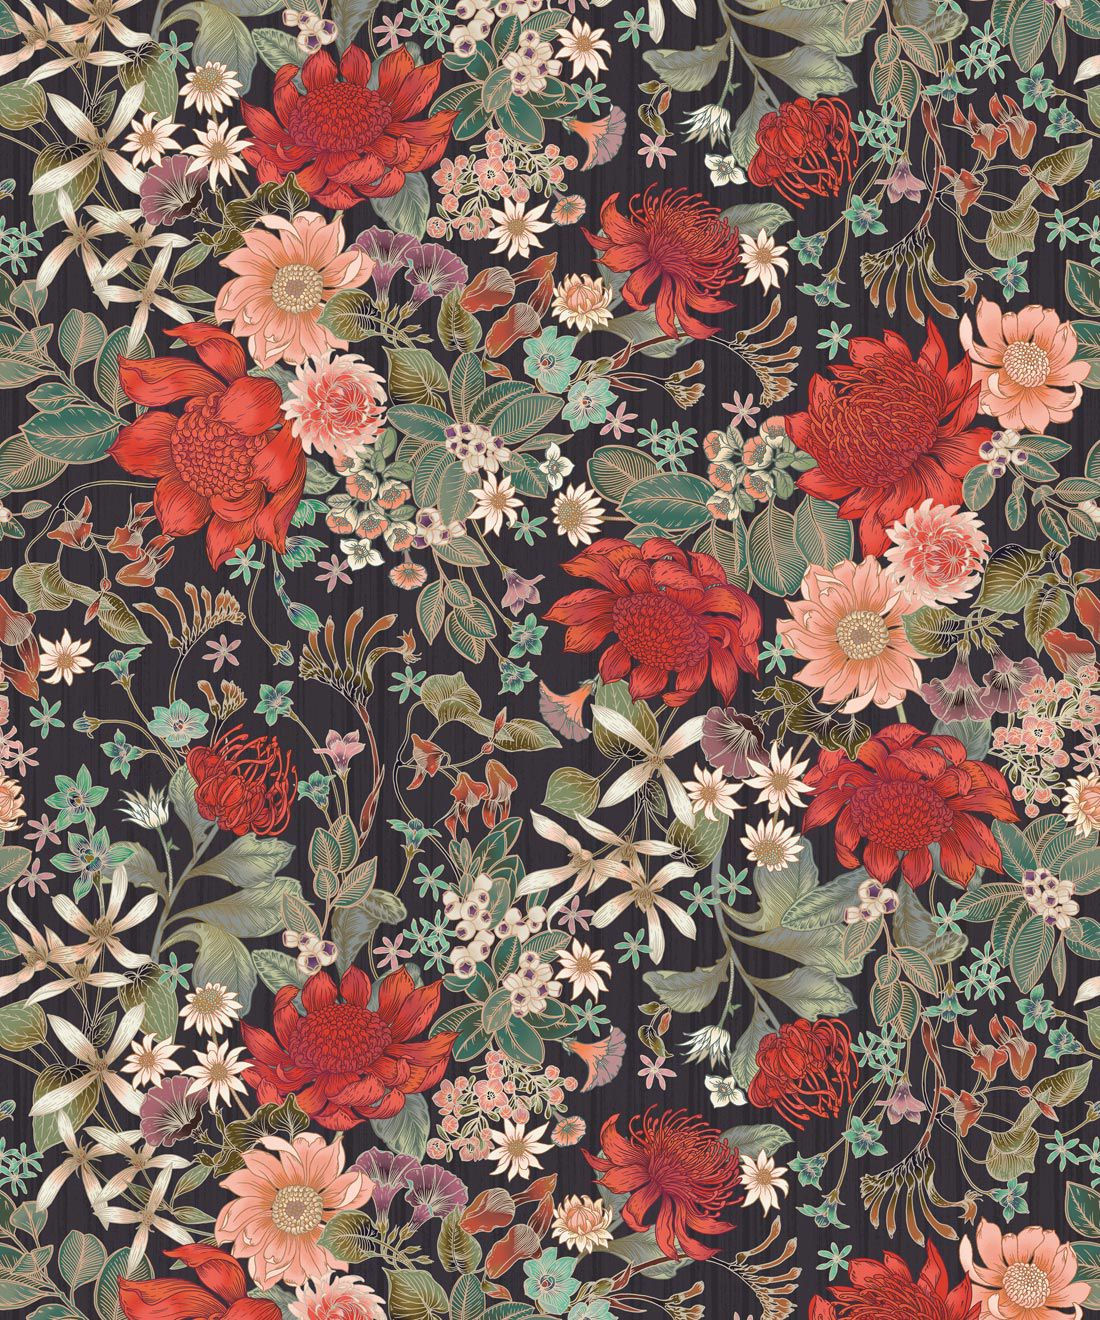 Bouquet Wallpaper • Eloise Short • Vintage Floral Wallpaper •Granny Chic Wallpaper • Grandmillennial Style Wallpaper •Licorice •Swatch